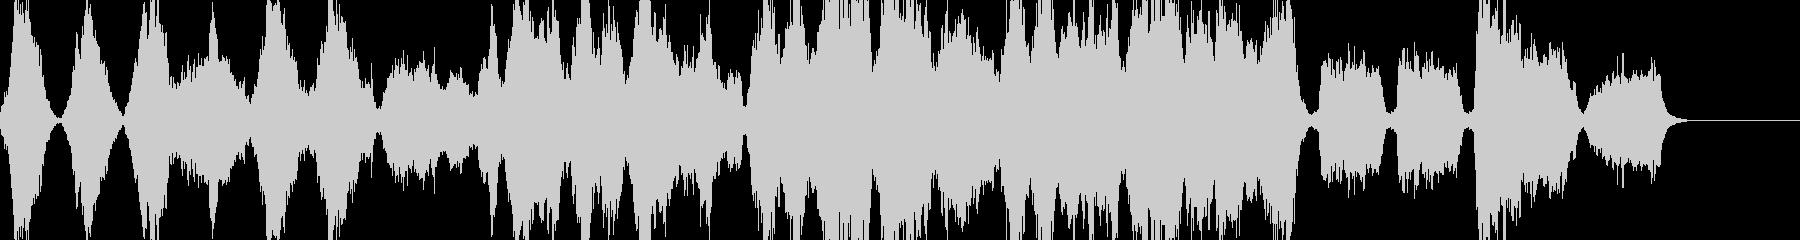 バラード・ストリングス・感動的の未再生の波形